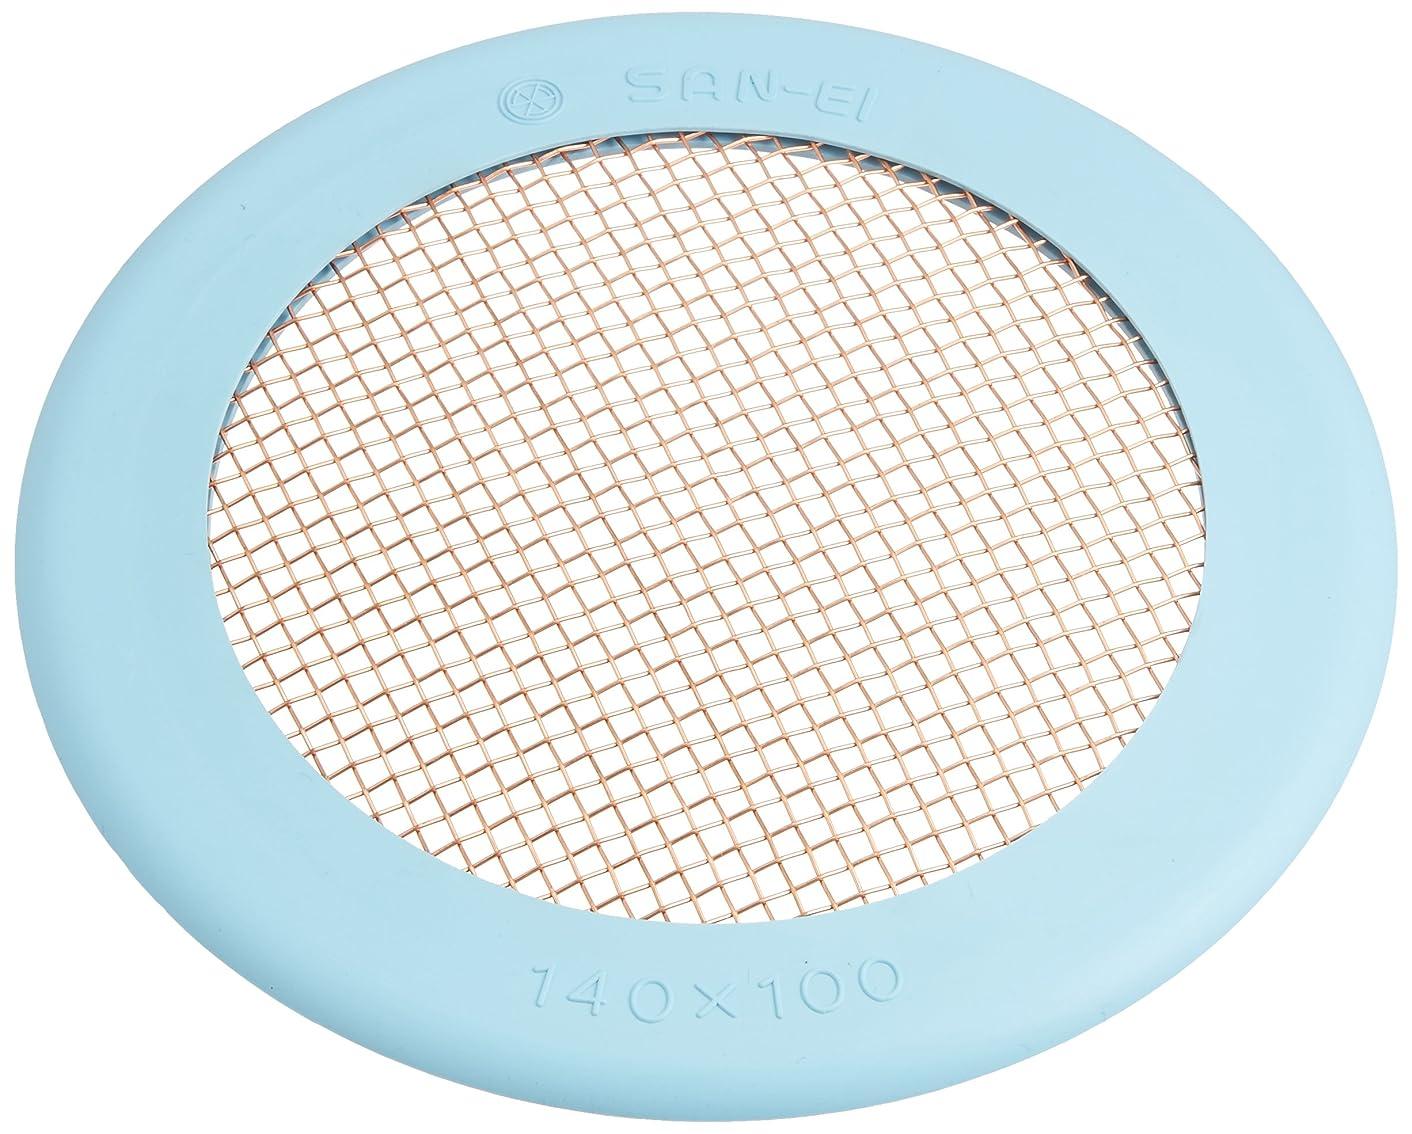 圧縮された不屈暖かさレック 詰まりにくい 洗面台用 ゴミストッパー (5個入) 特許出願中 BB-507